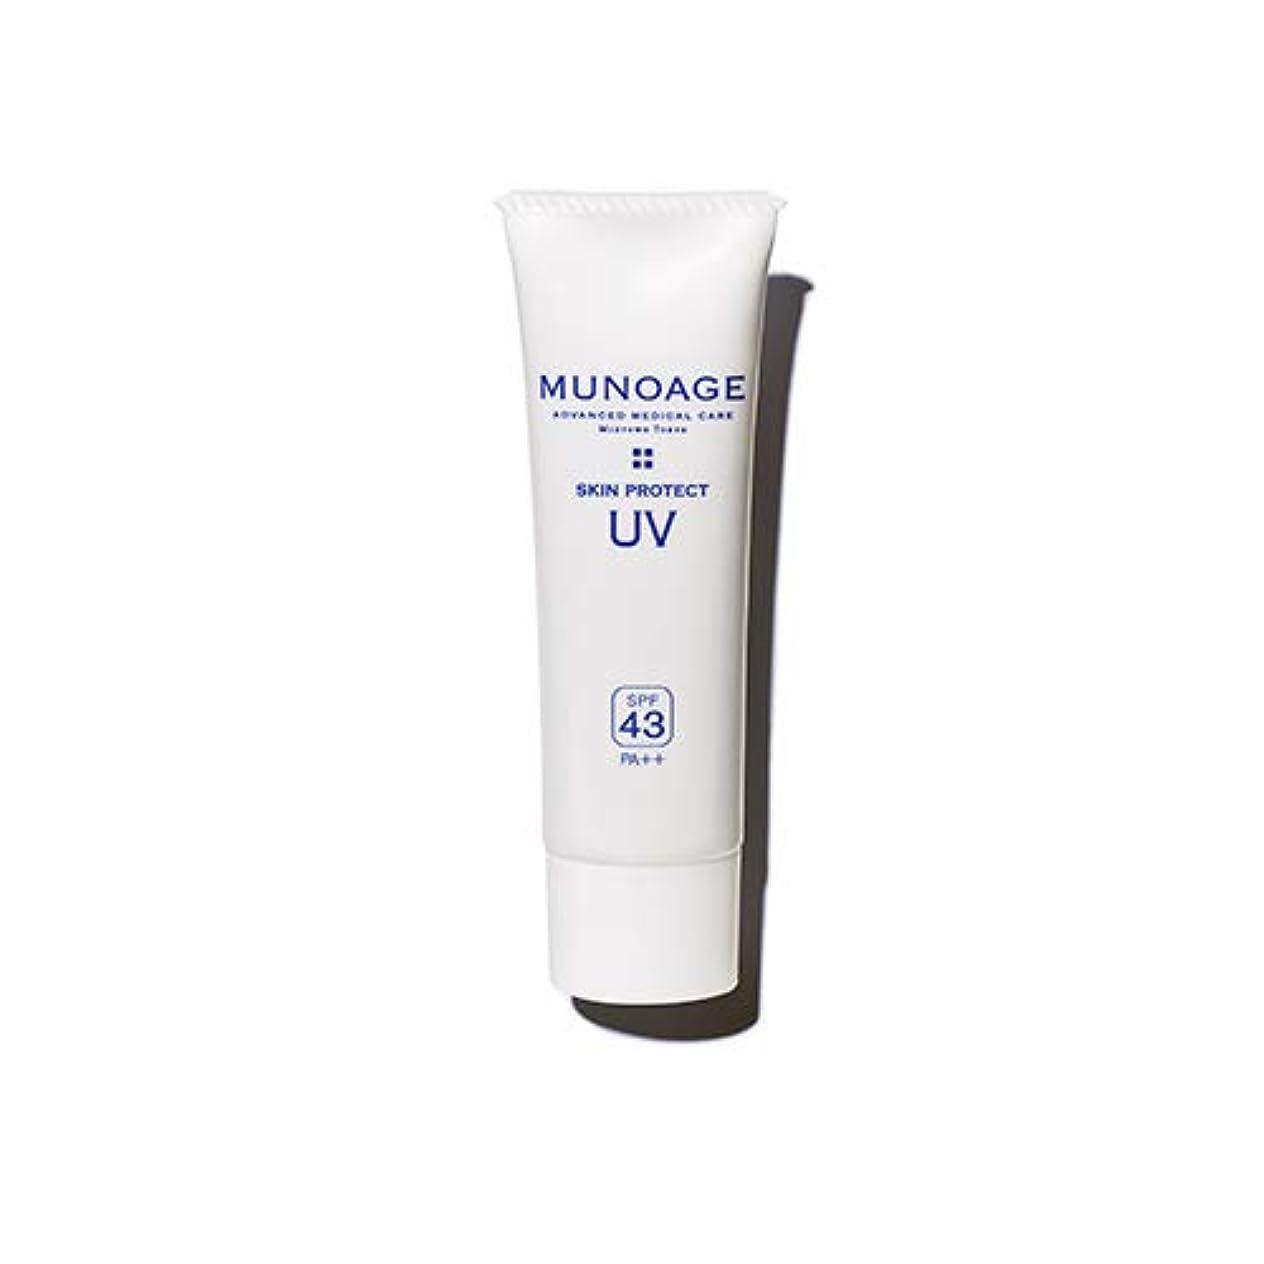 サスペンド仲人講師MUNOAGE スキンプロテクトUV 25g【日焼け止めクリーム】SPF43 PA++ 肌色補正 ファンデーションの代用として 紫外線吸収剤フリー【お得な2個セット】